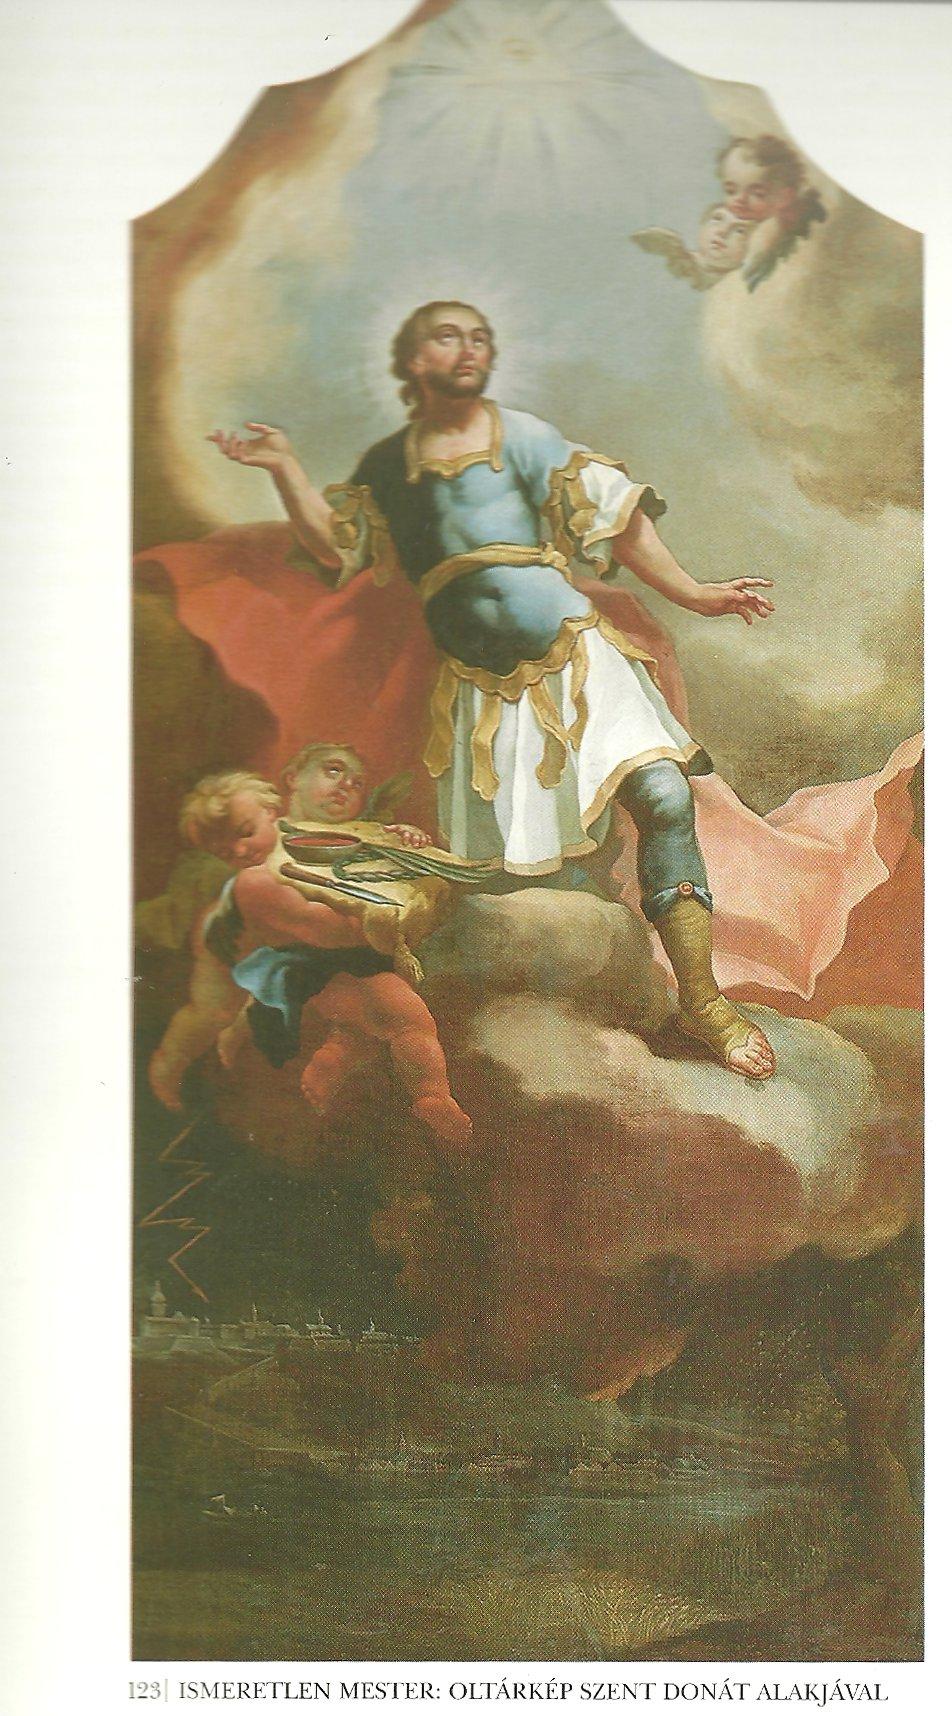 Miért Donáti a lépcső, ha Szent Donát a névadó? - Utcák, terek